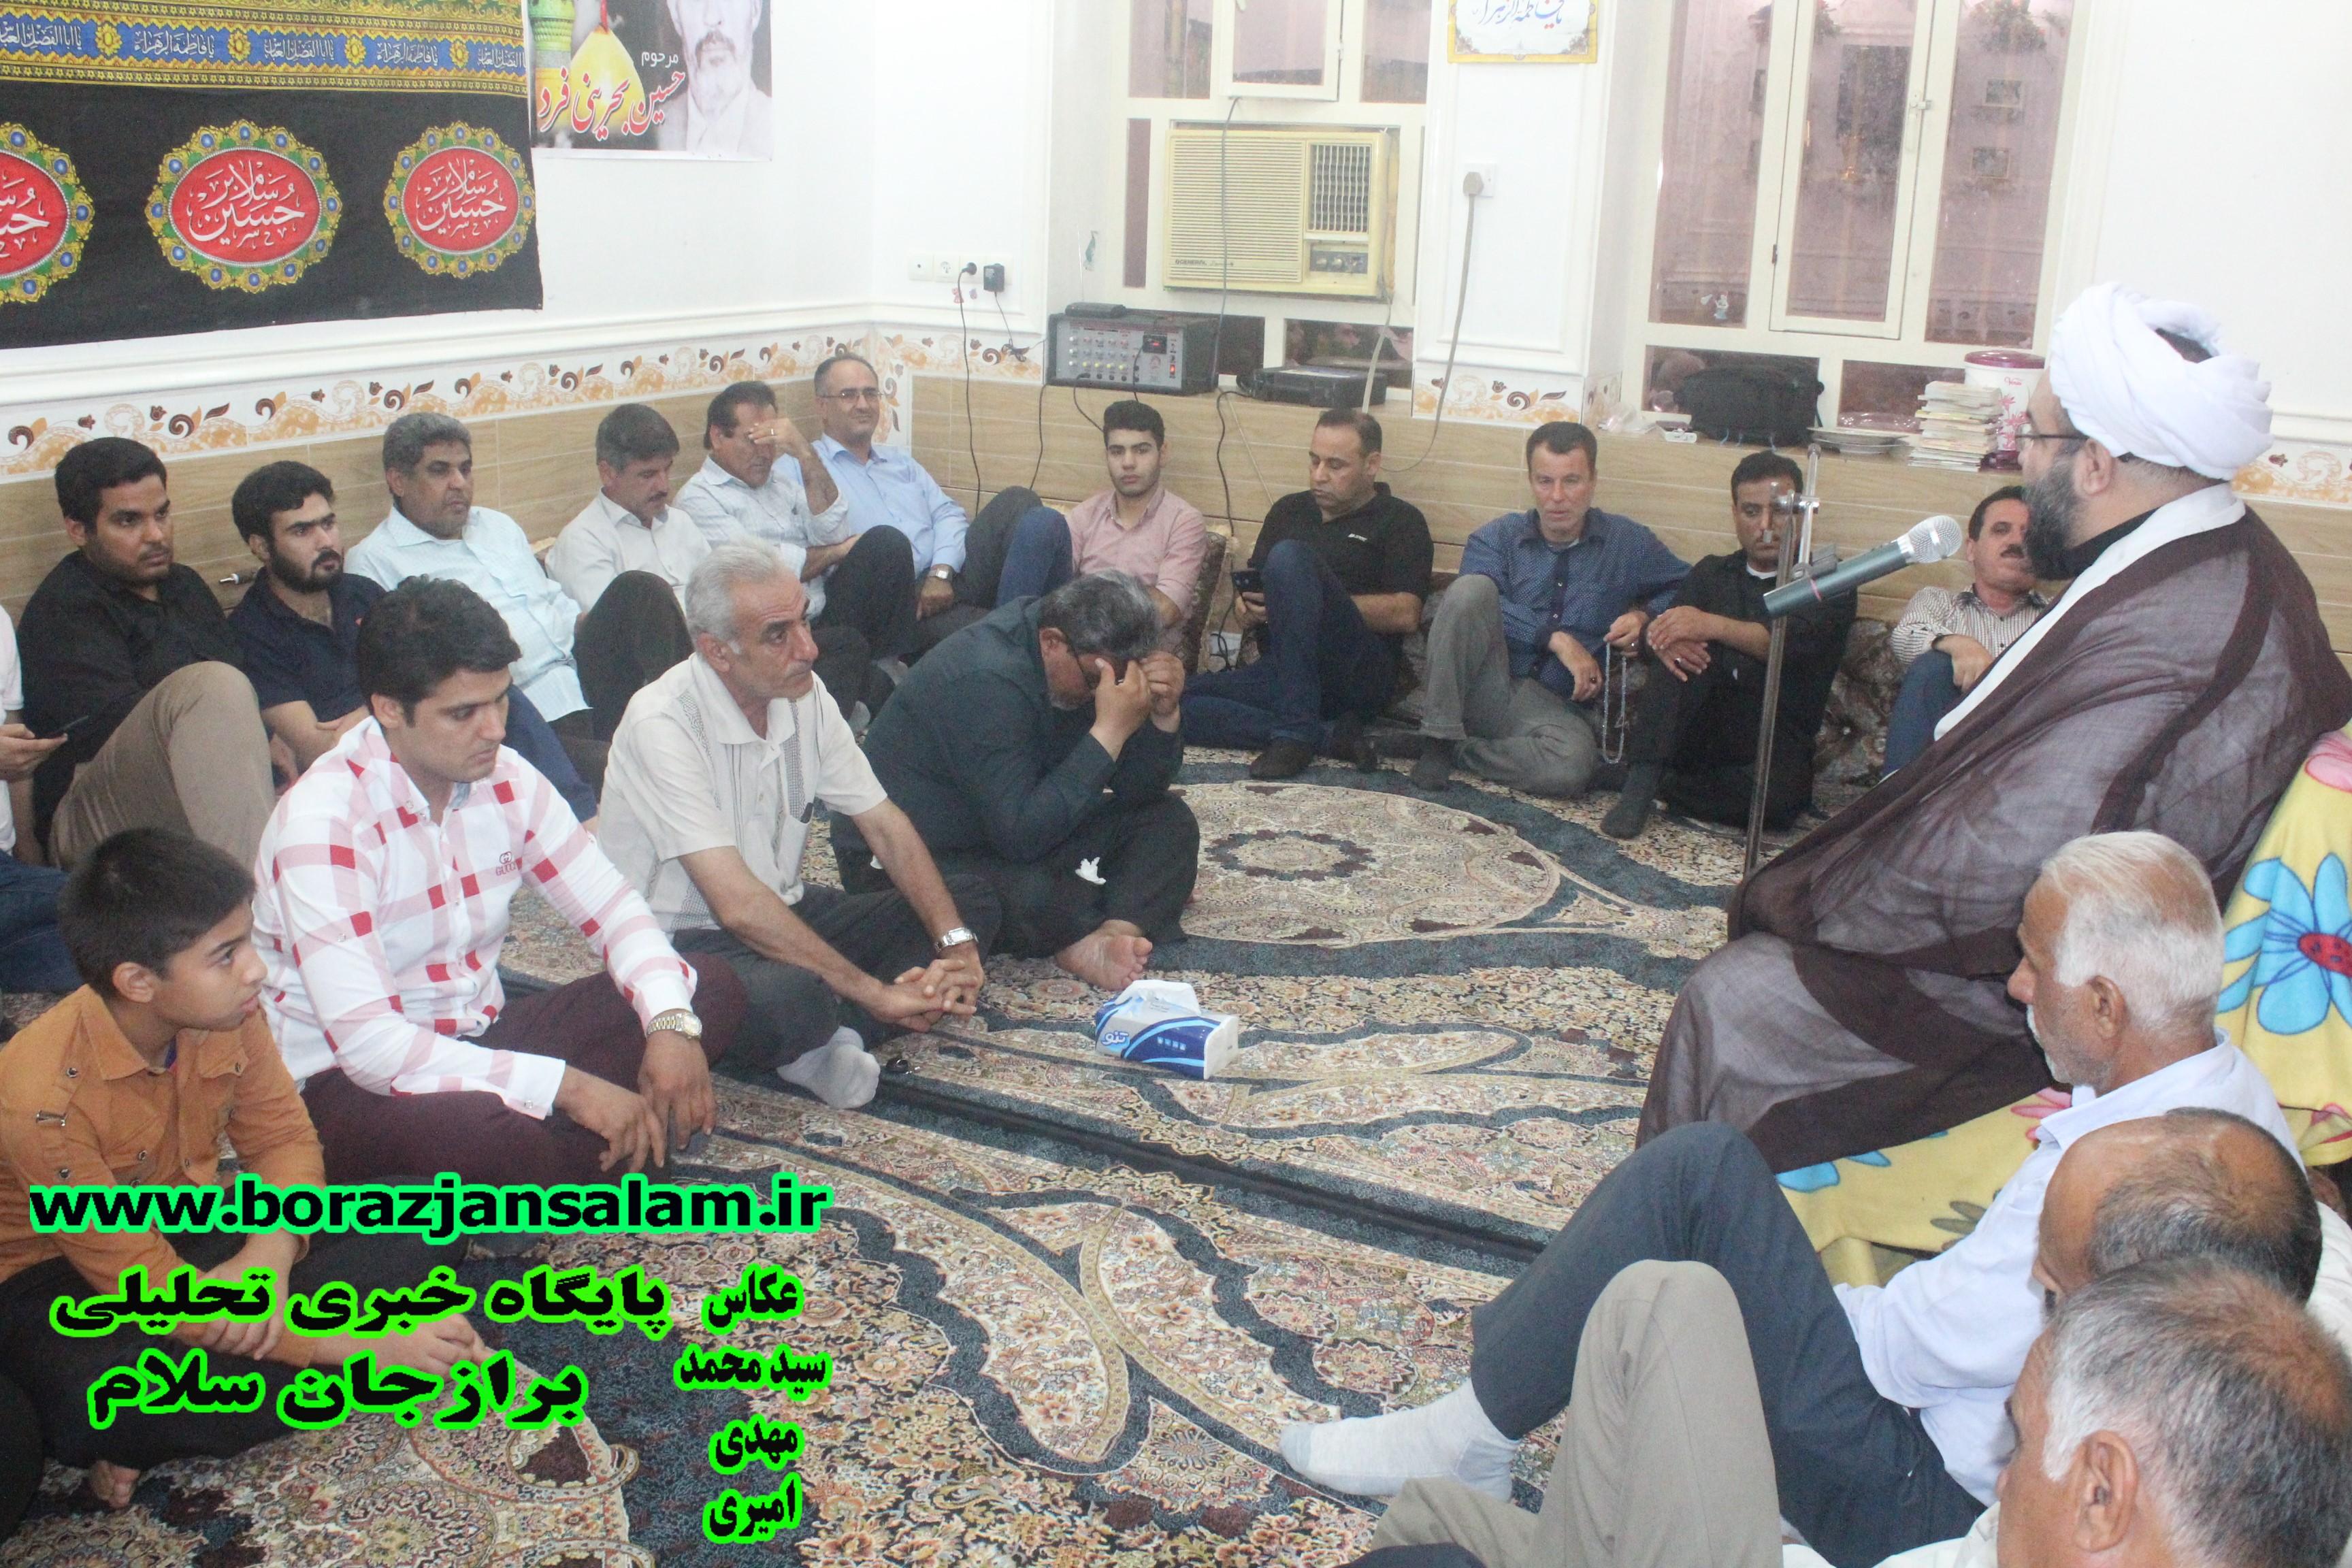 مراسم روضه خوانی ایام صفر در منزل آقای بحرینی تا انتهای ماه صفر برگزار است .